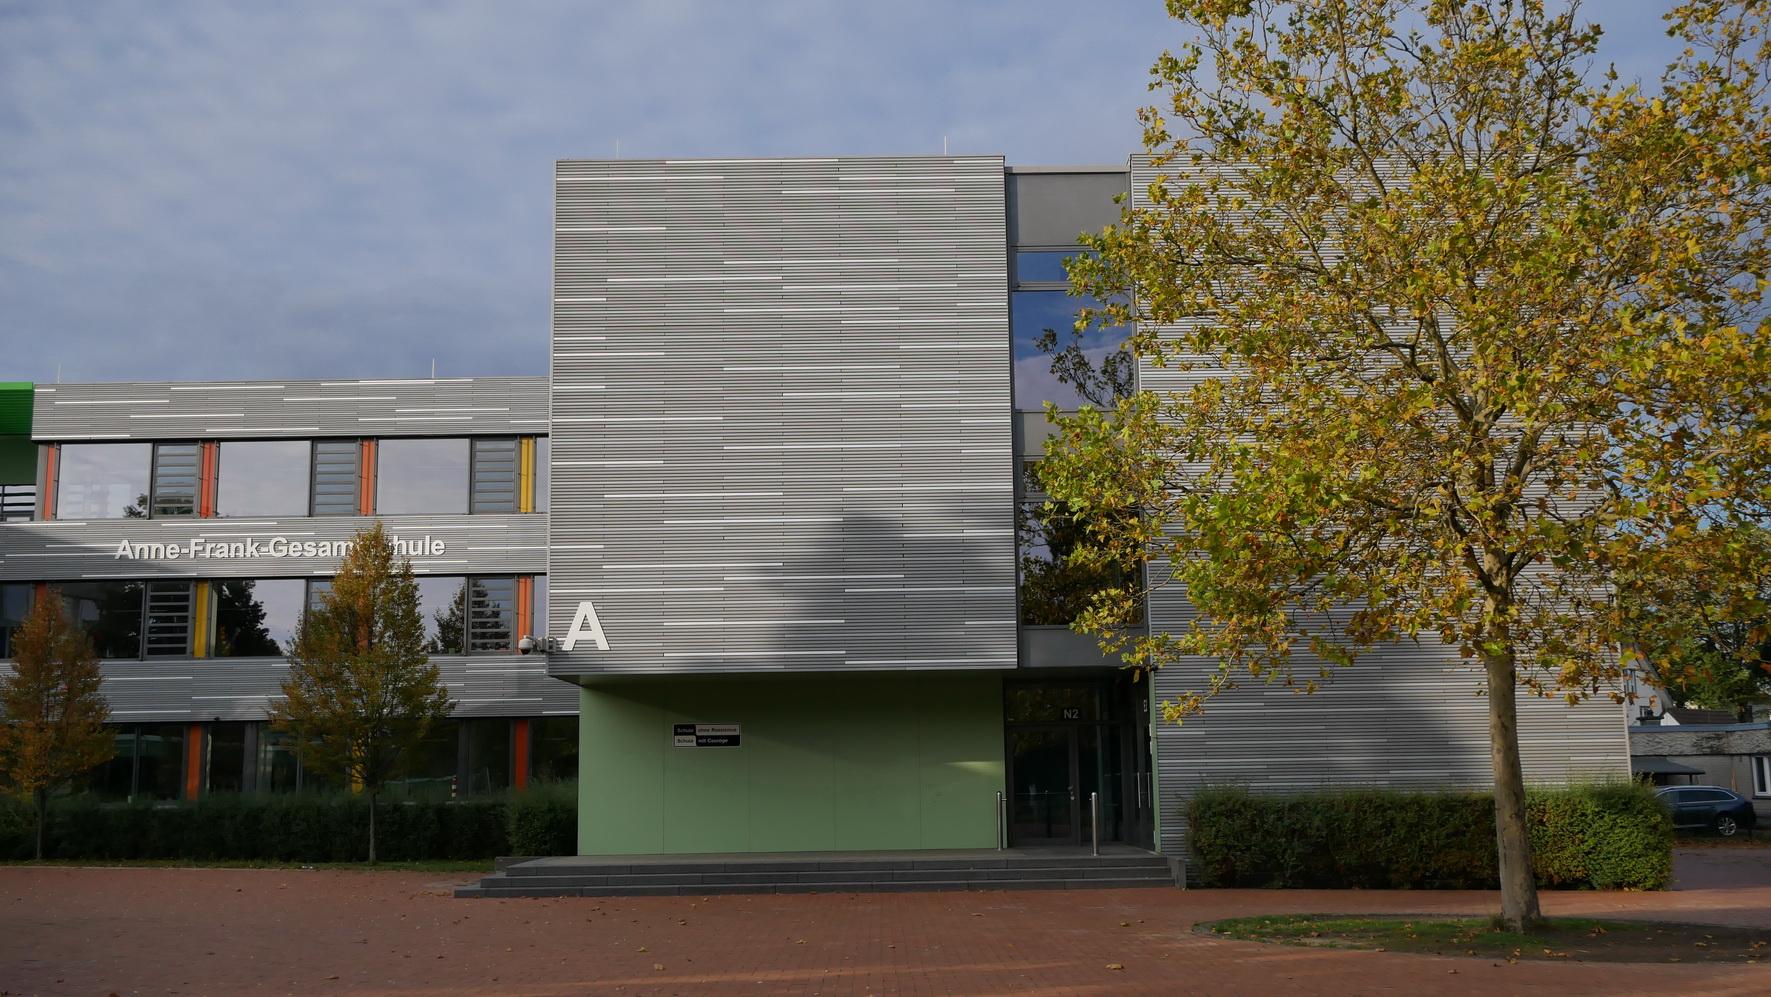 2019-10-05 AFS-Gebäude 11_M